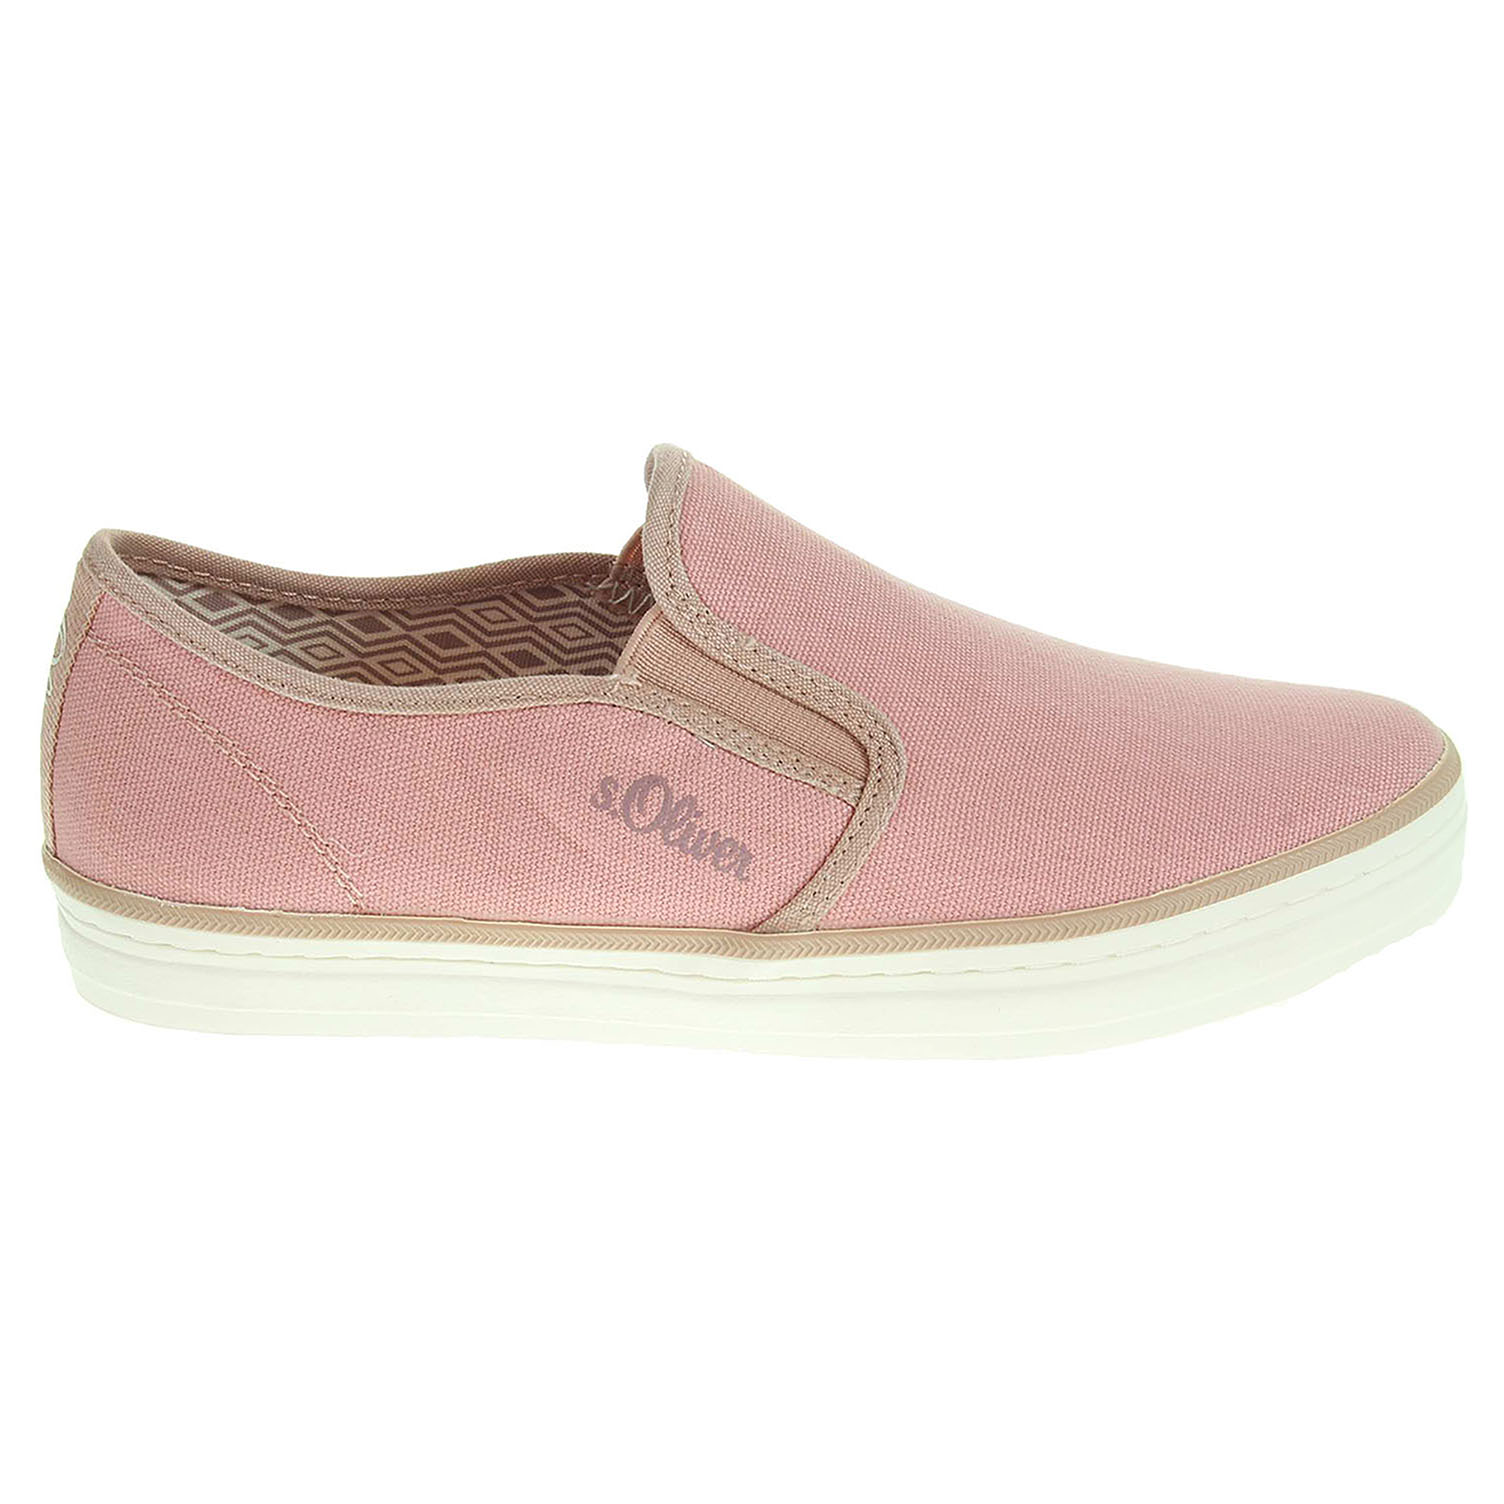 s.Oliver dámská obuv 5-24624-26 růžová 40